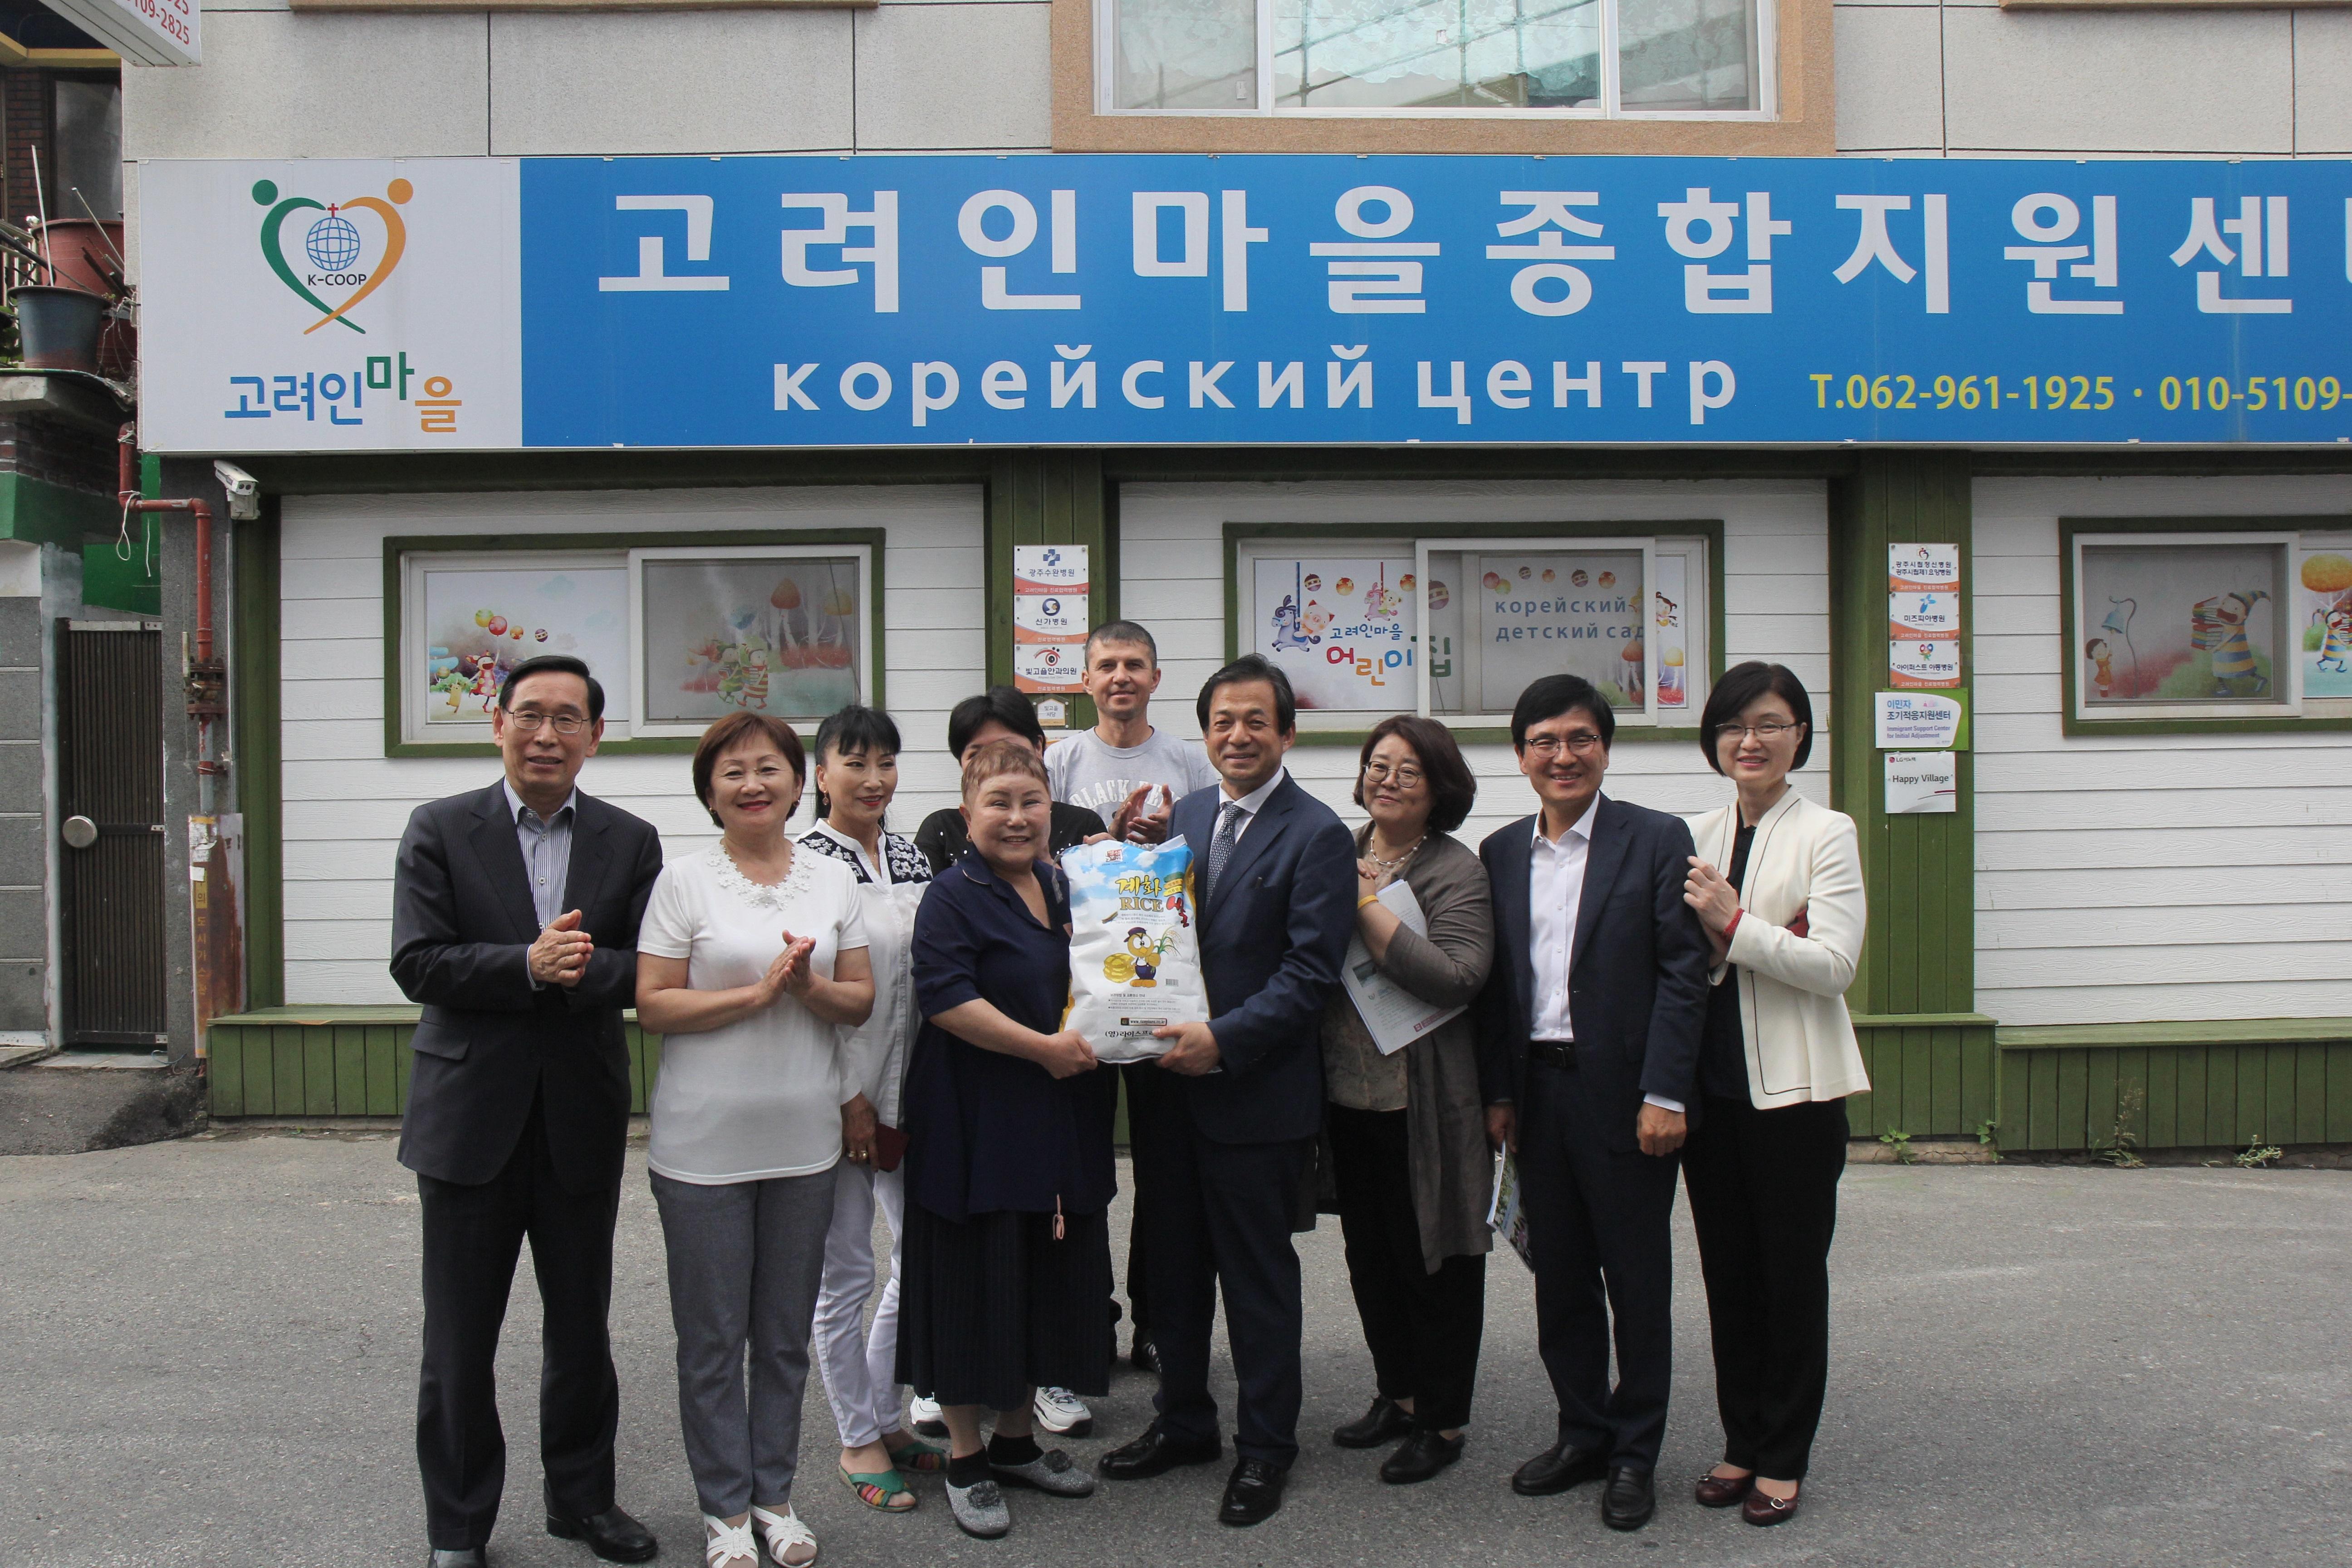 경찰위원 광주광산경찰서 치안현장방문